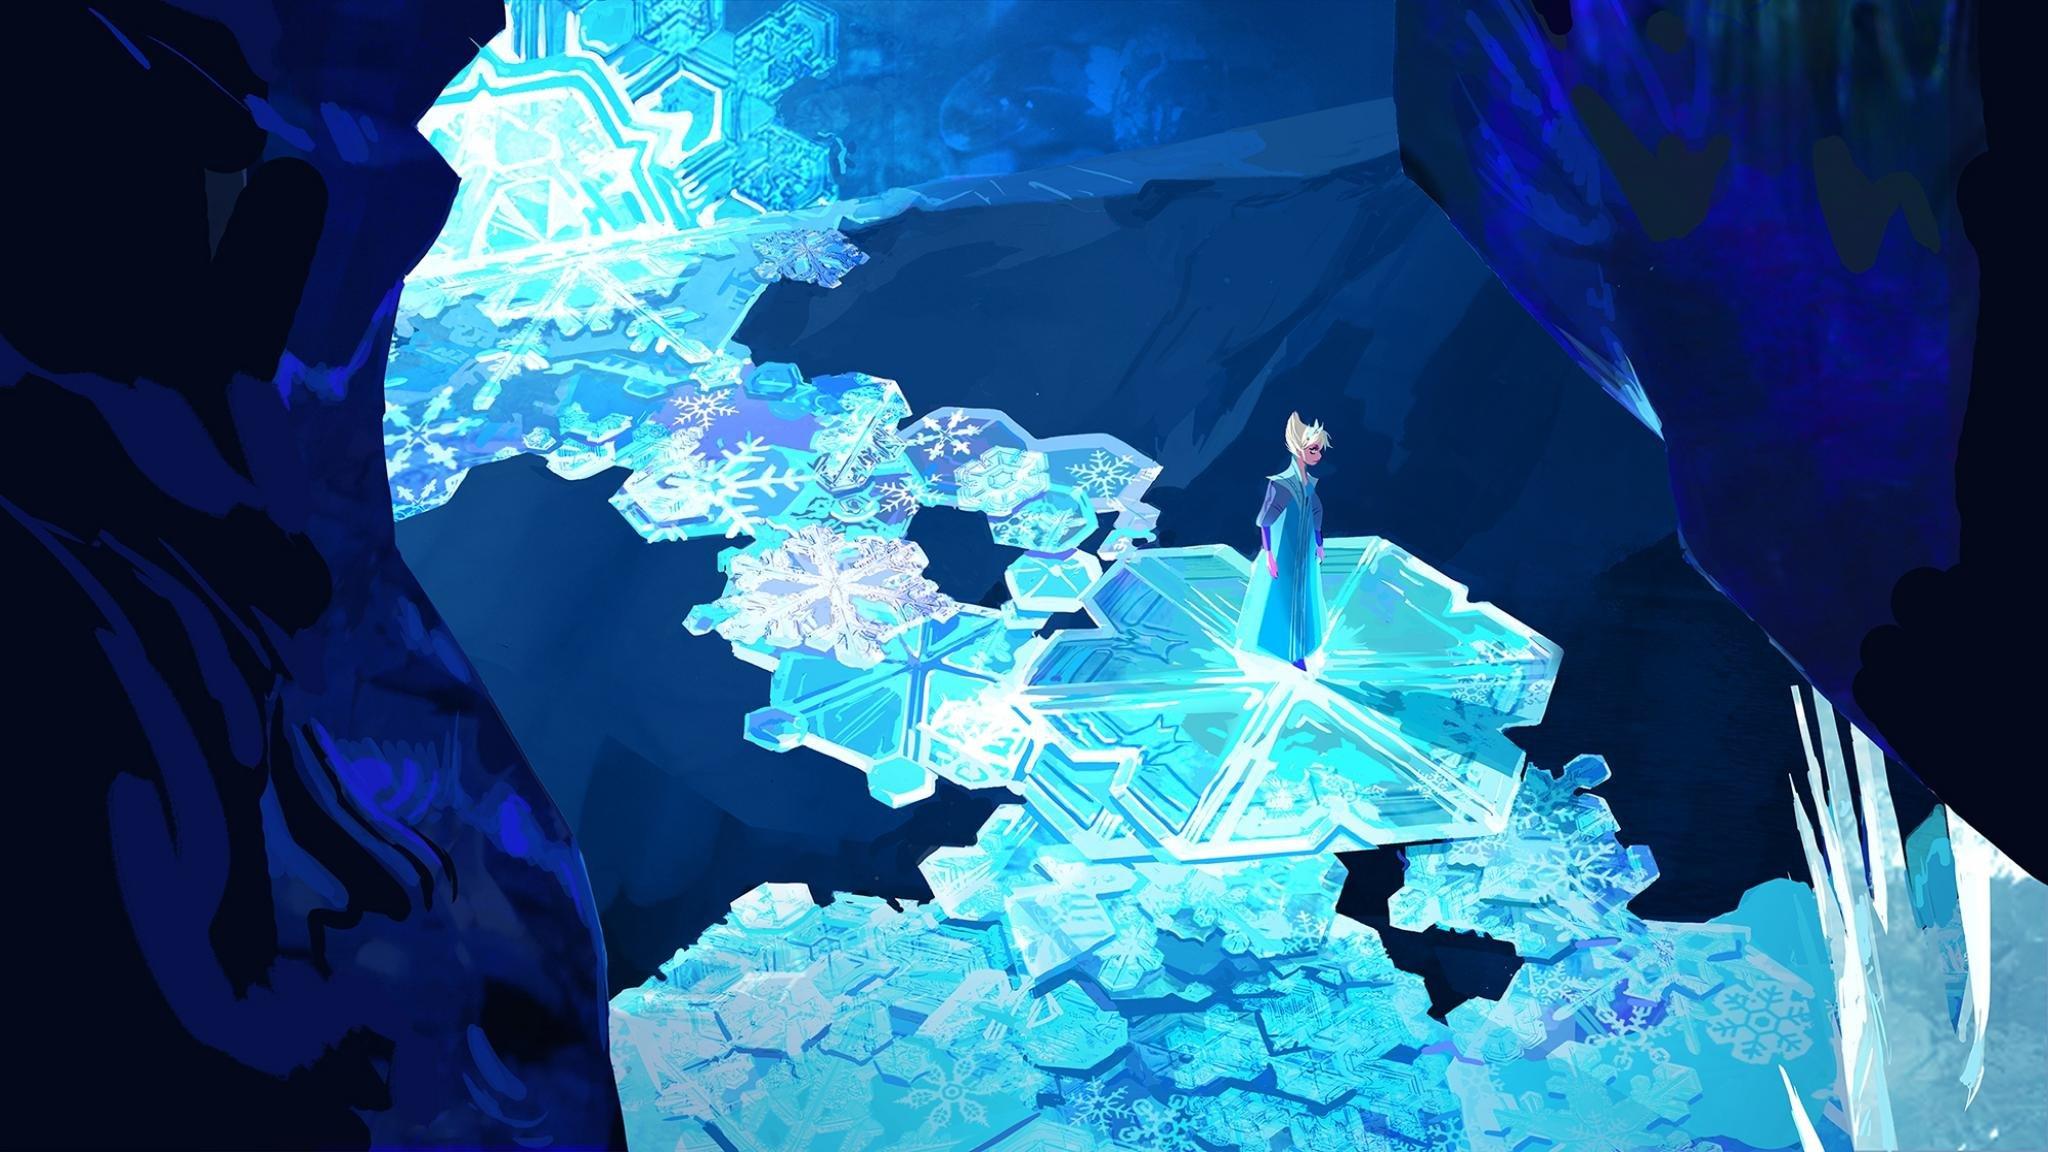 Best Elsa Frozen Wallpaper Id380113 For High Resolution Hd 2048x1152 Desktop